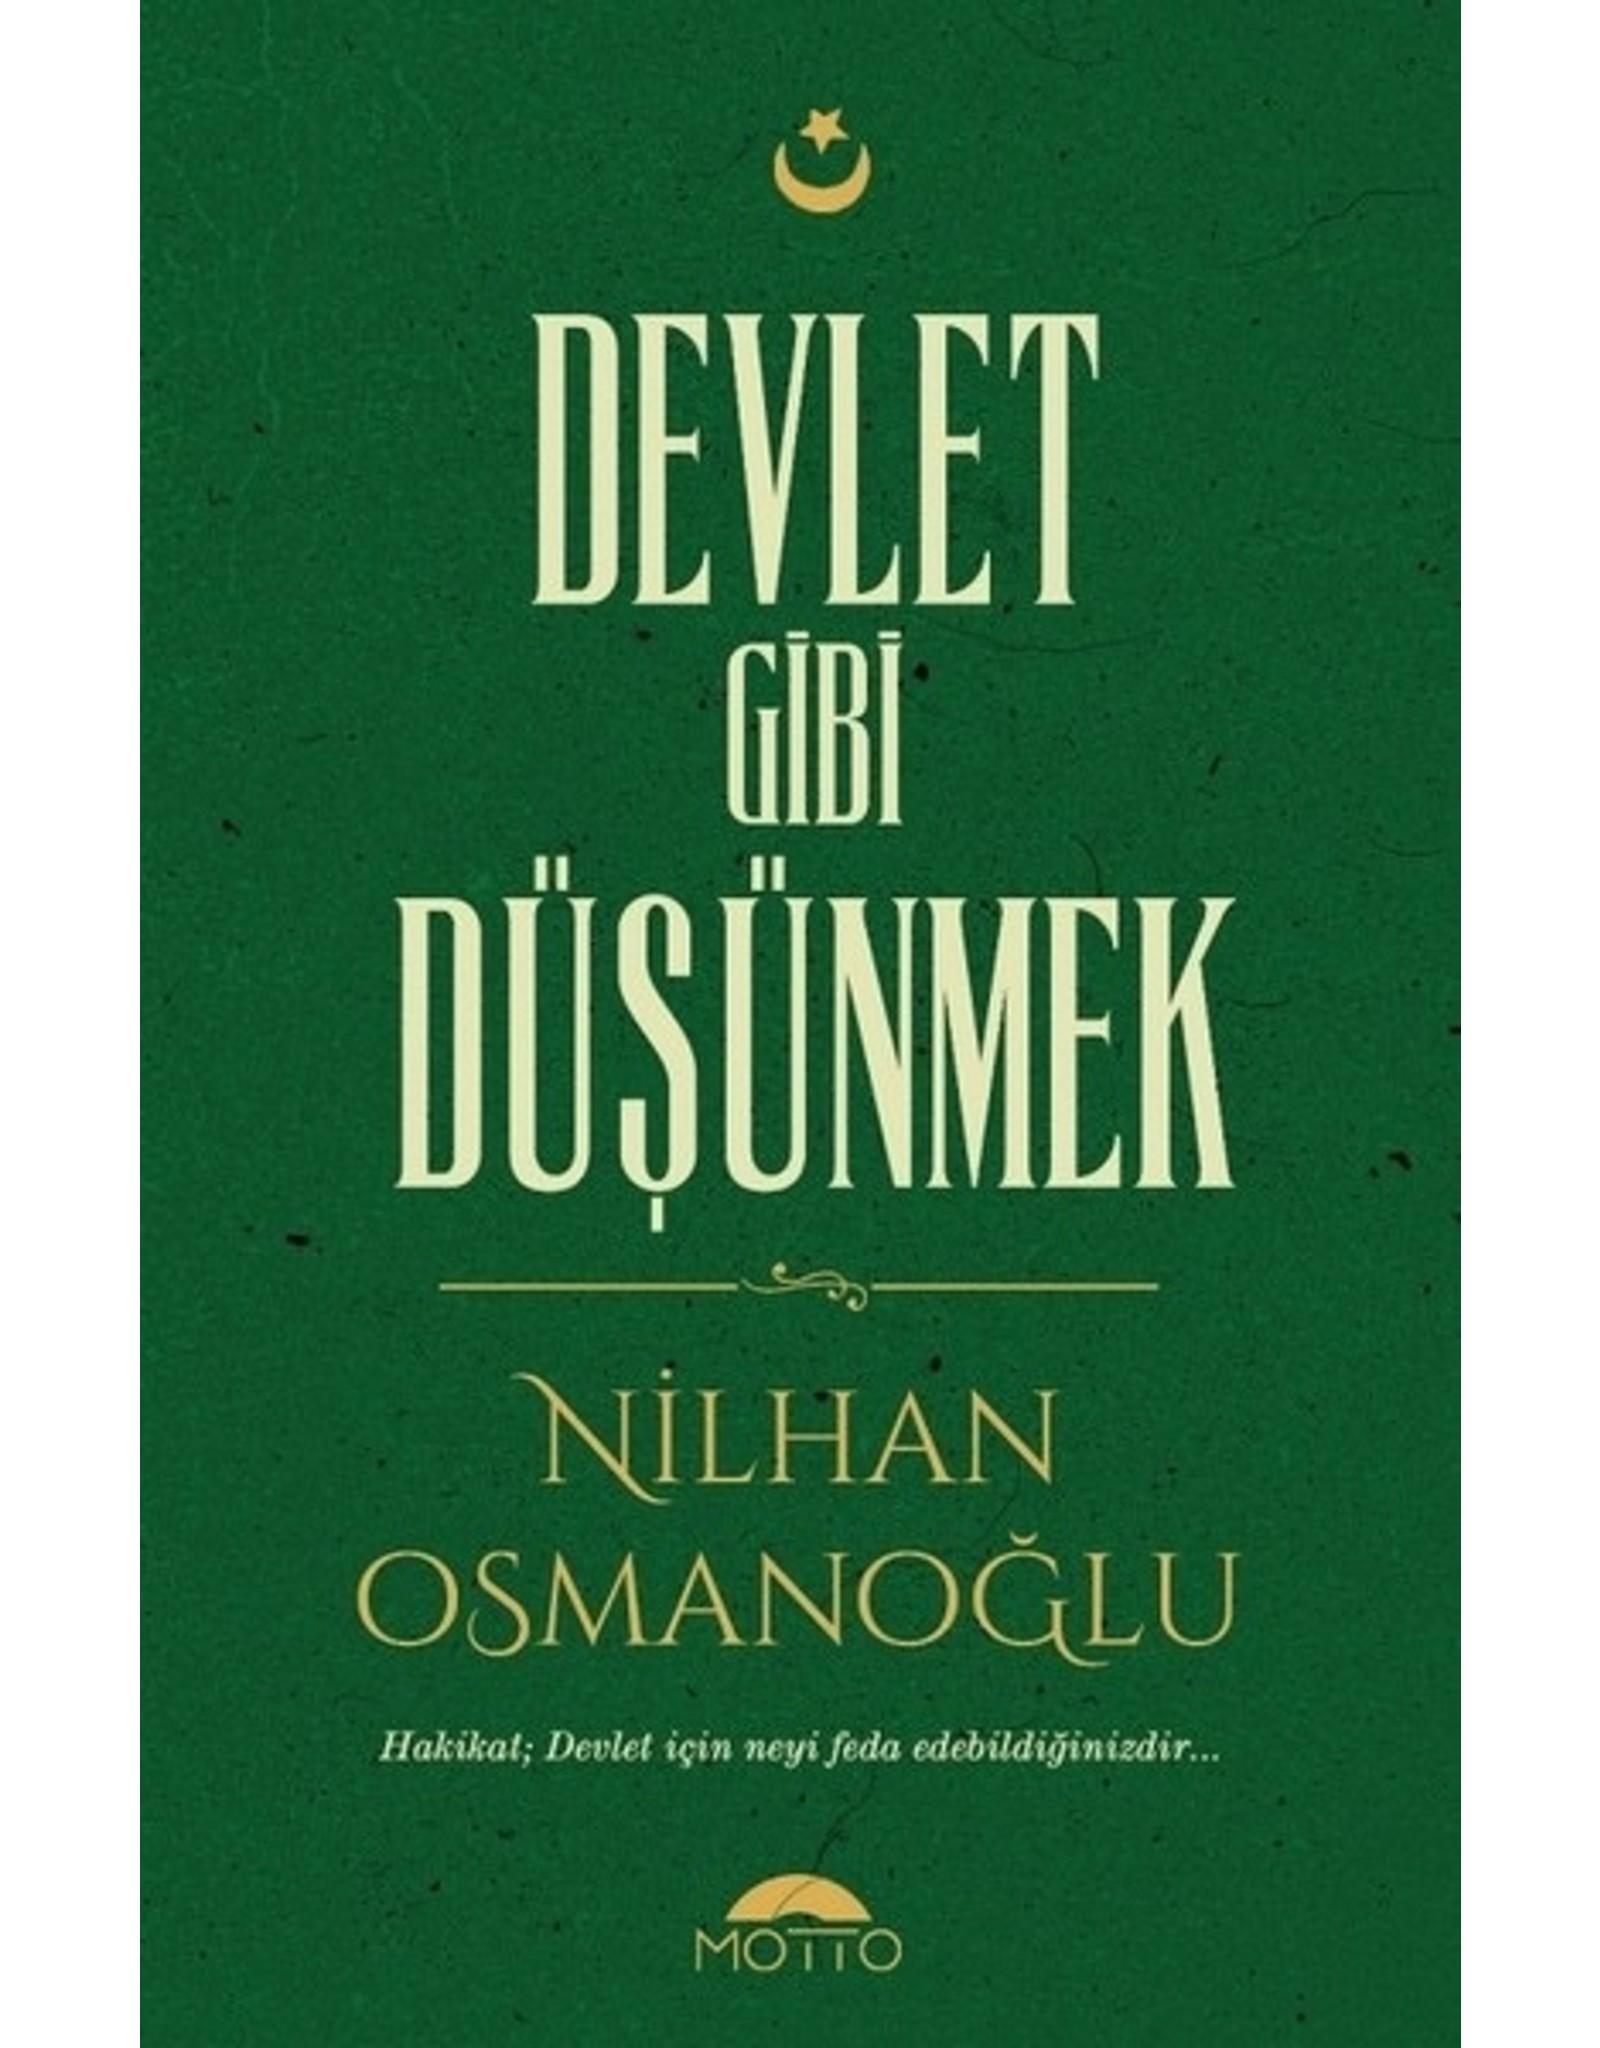 Nilhan Osmanoğlu Devlet Gibi Düşünmek